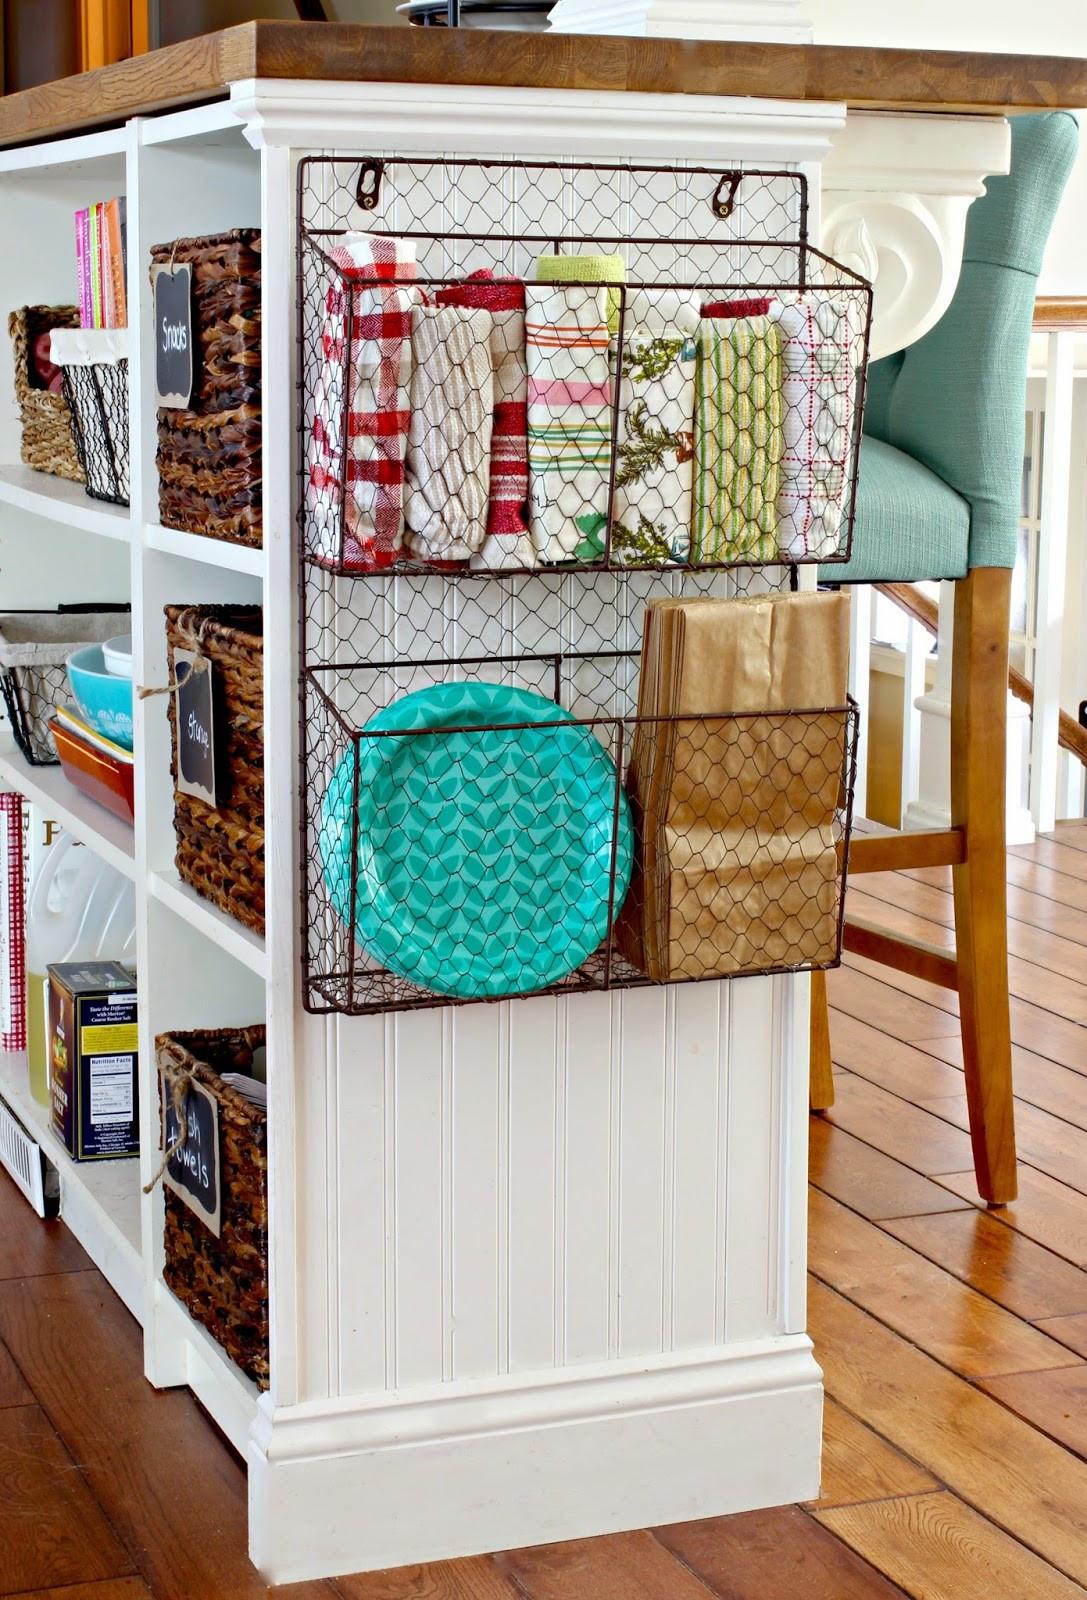 Kitchen Storage Baskets  25 Kitchen and Pantry Organization & Ideas